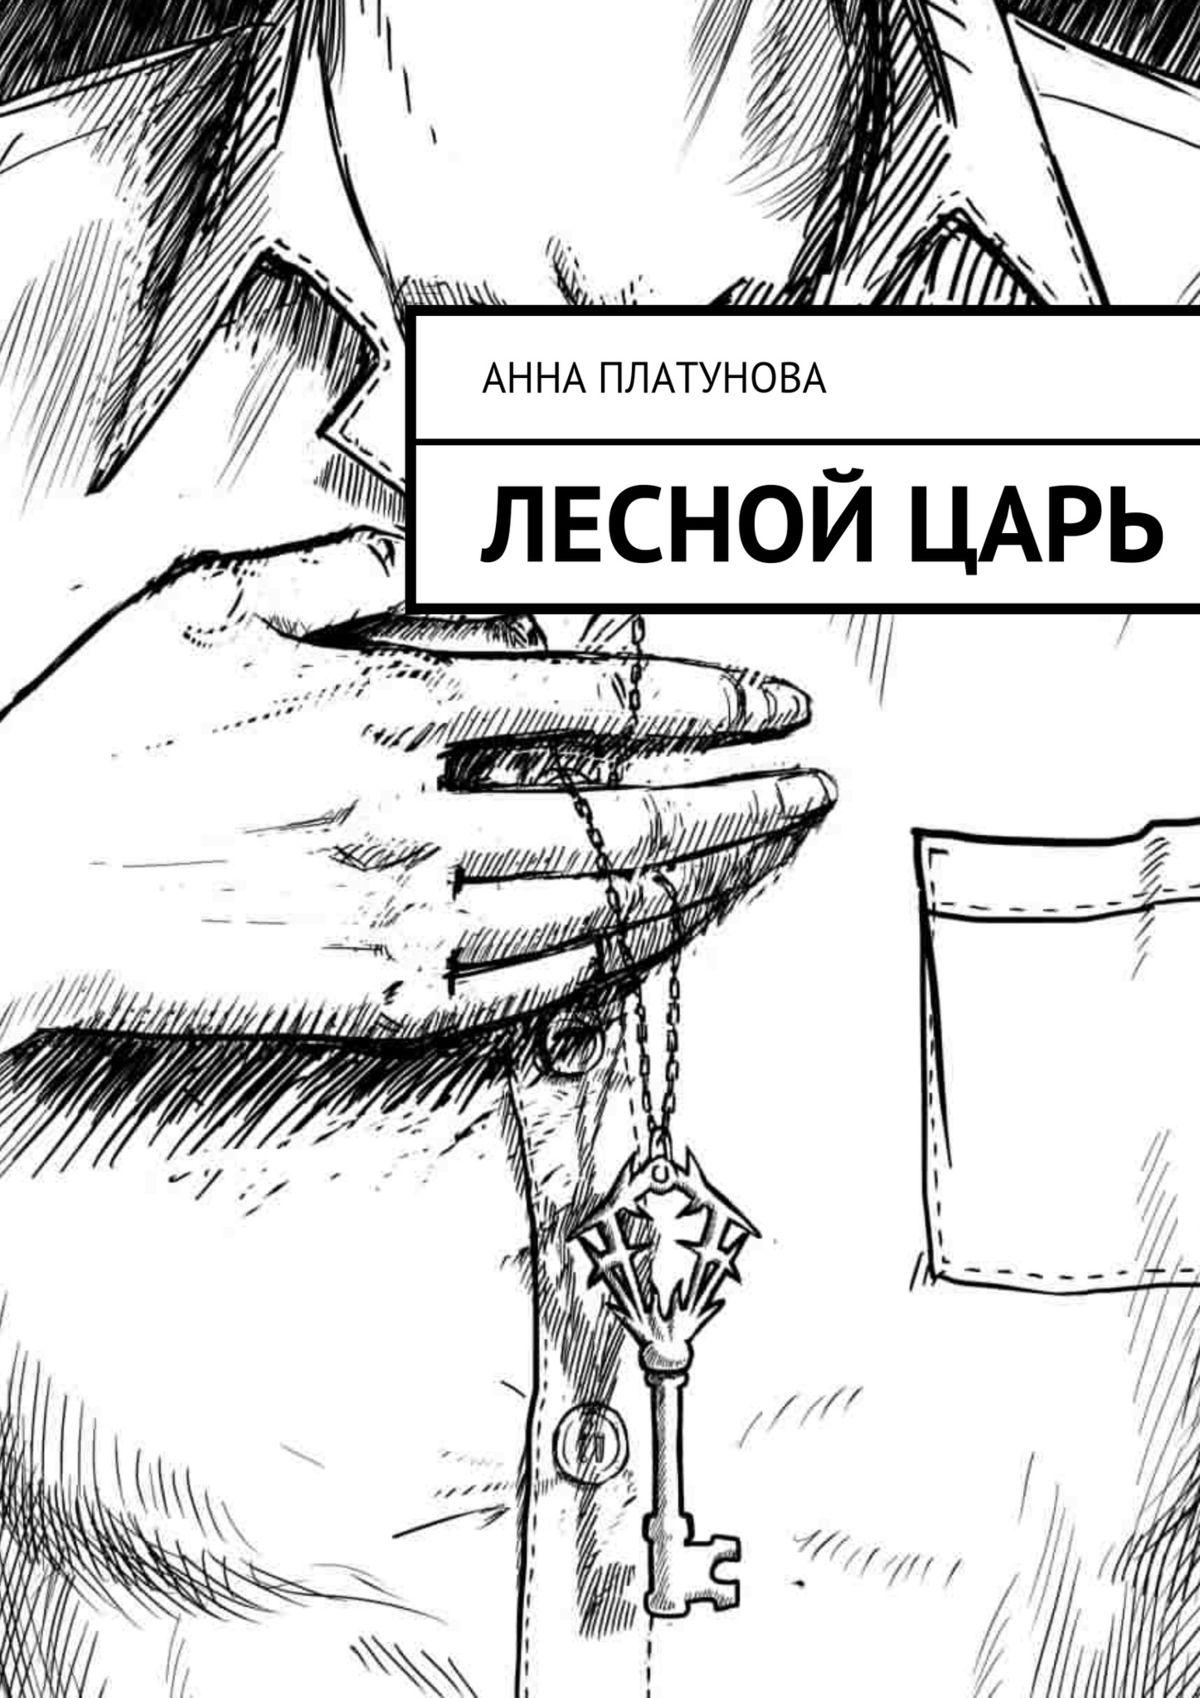 Анна Сергеевна Платунова Леснойцарь анна гордеева сны в кулаке избранное